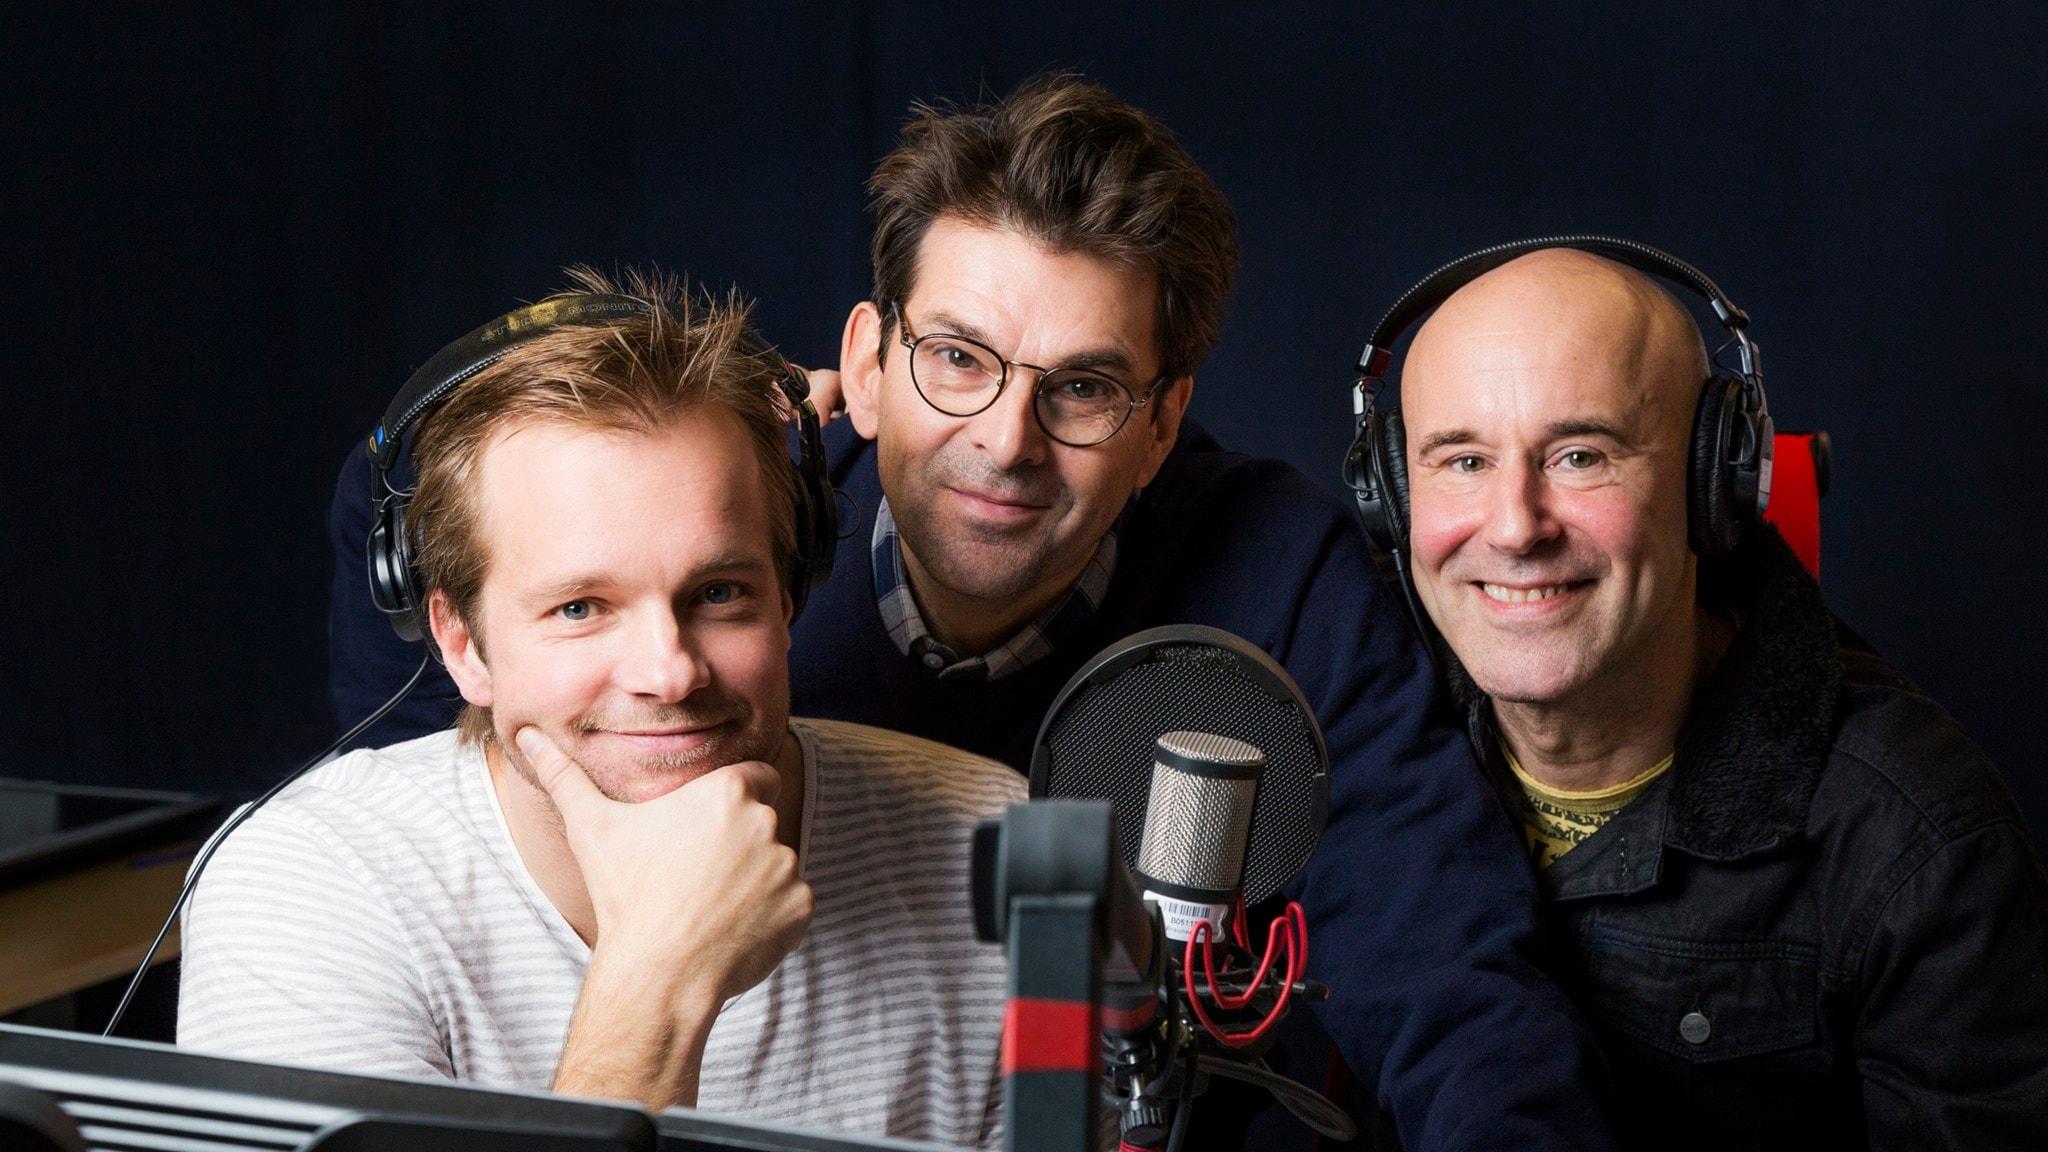 Men Herre gud! Henrik Johnsson och Mark Levengood. Niklas Strömstedt, gäst. Sveriges Radio podd. foto: Mattias Ahlm/Sveriges Radio